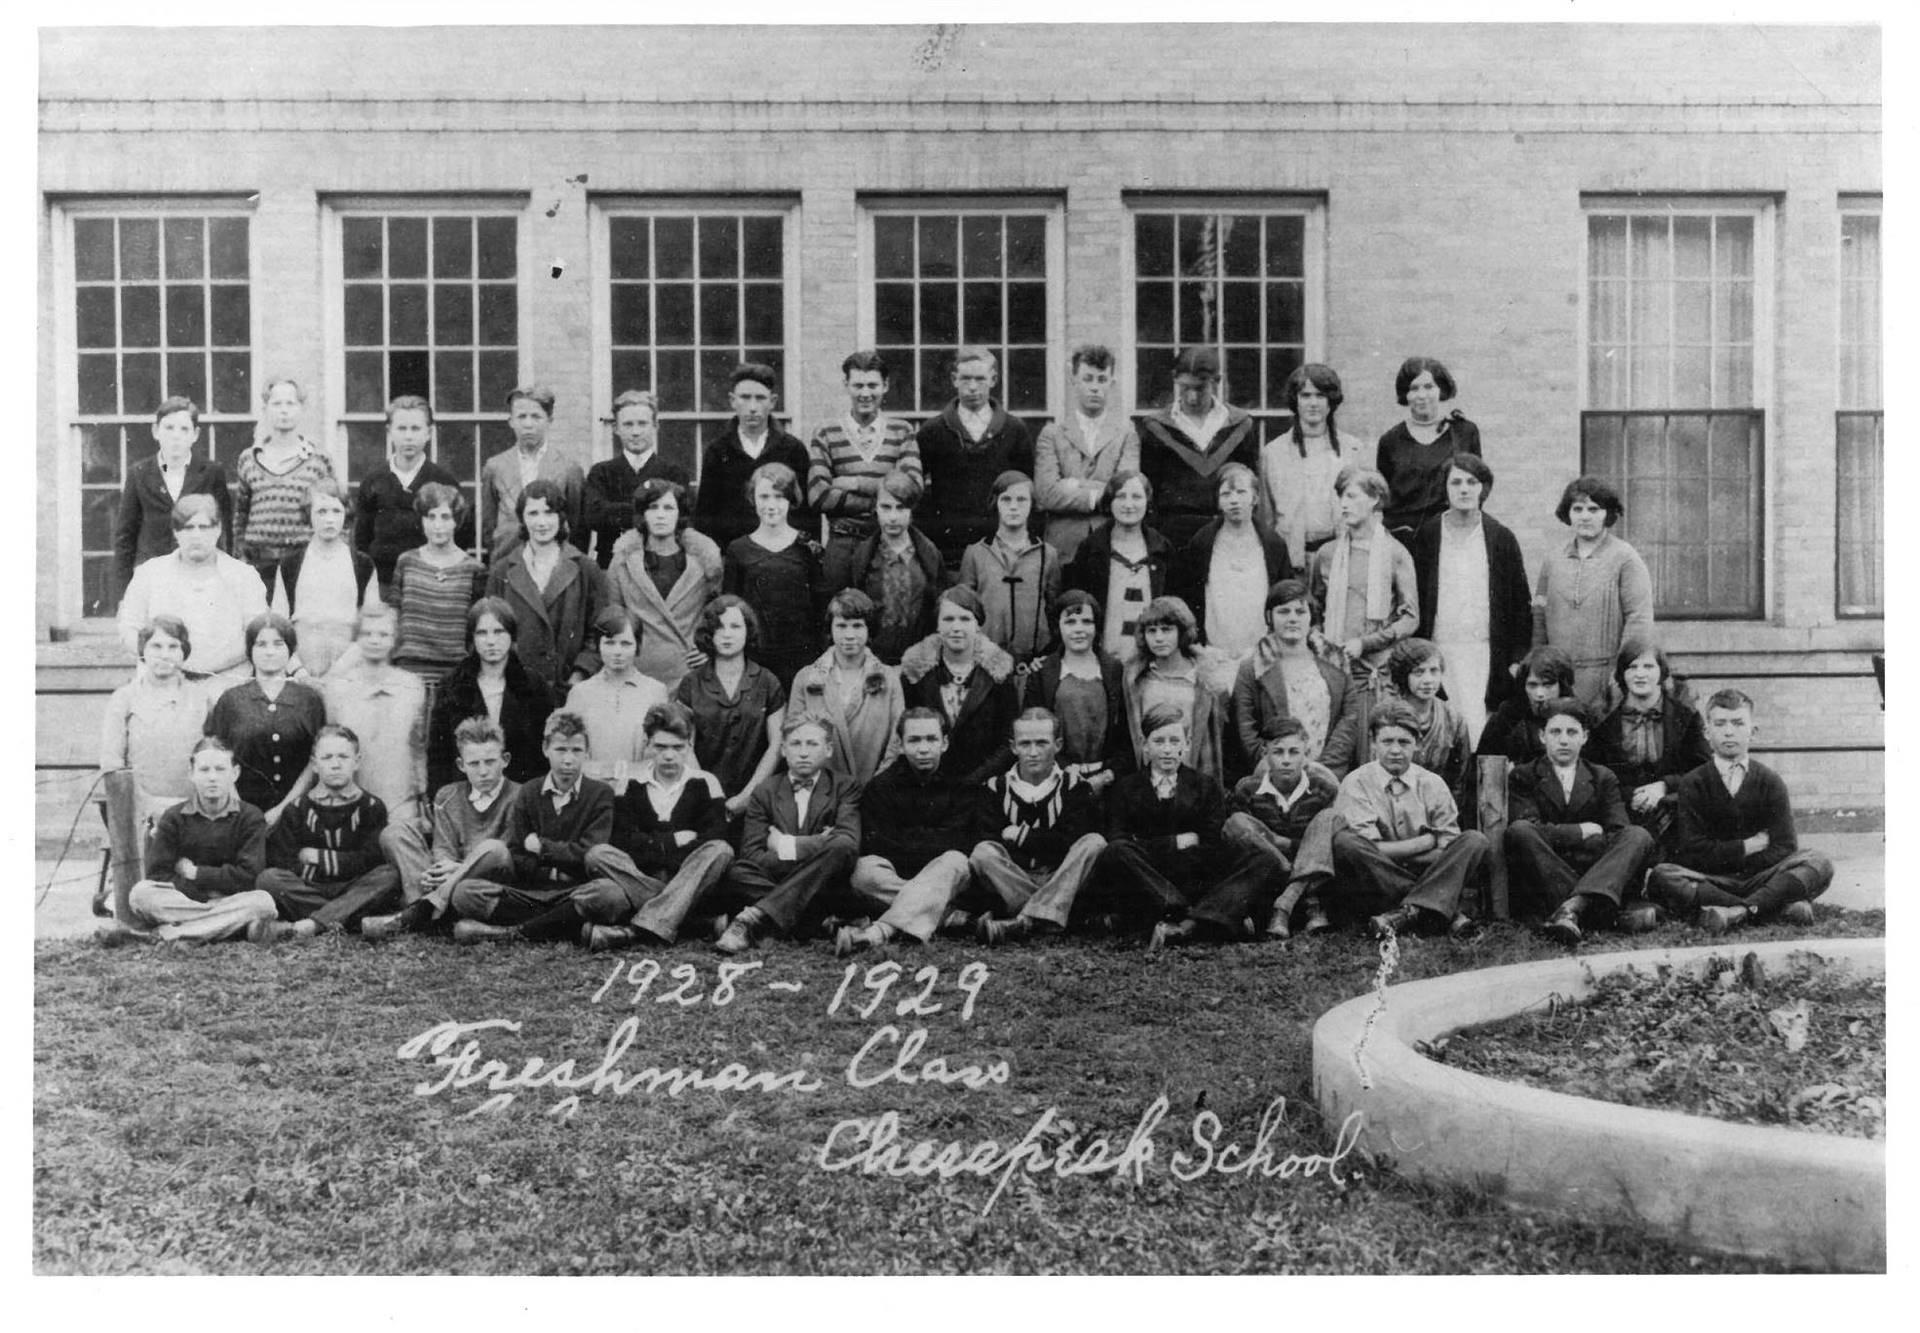 Chesapeake Freshman Class of 1929